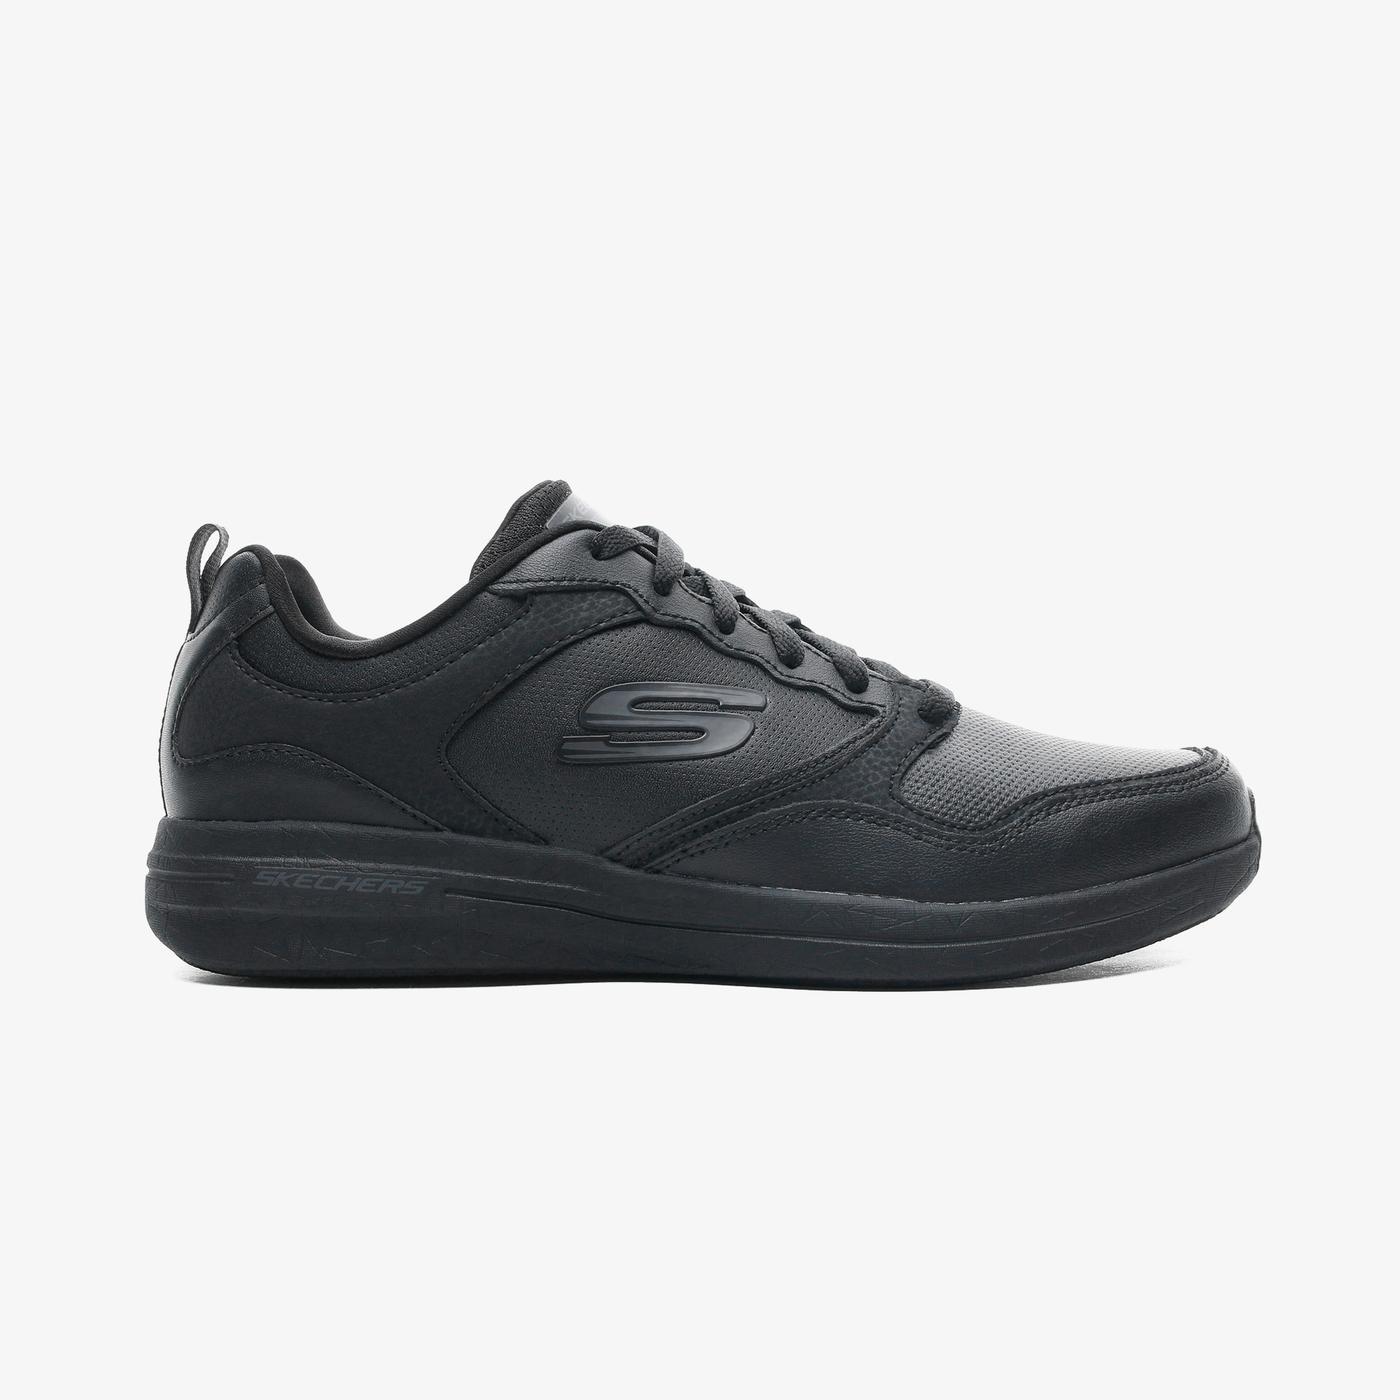 Skechers Burst 2.0 Erkek Siyah Spor Ayakkabı